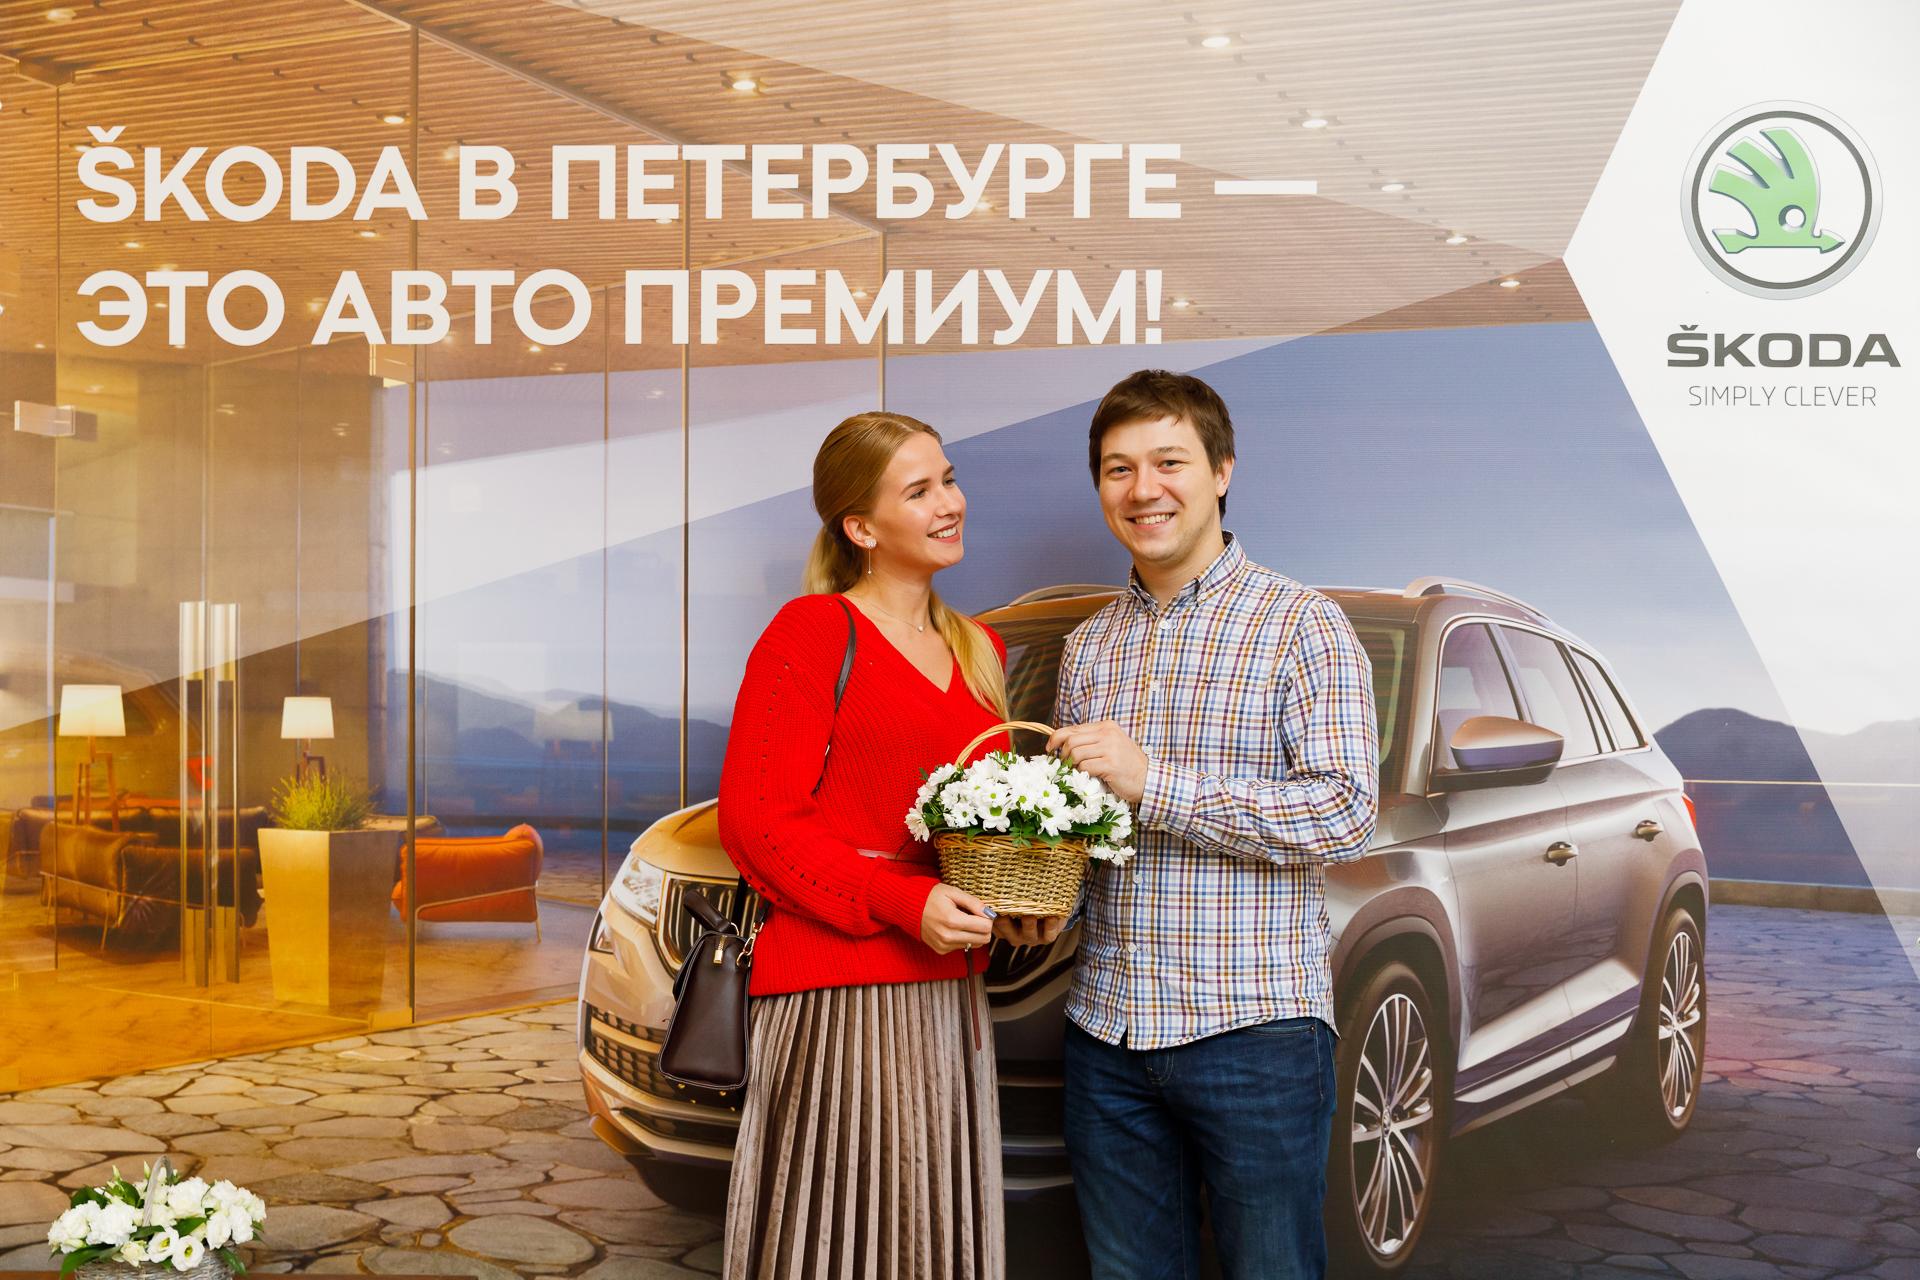 """В Петербурге при поддержке Авто Премиум пройдет десятый фестиваль """"Серебряная лира"""""""